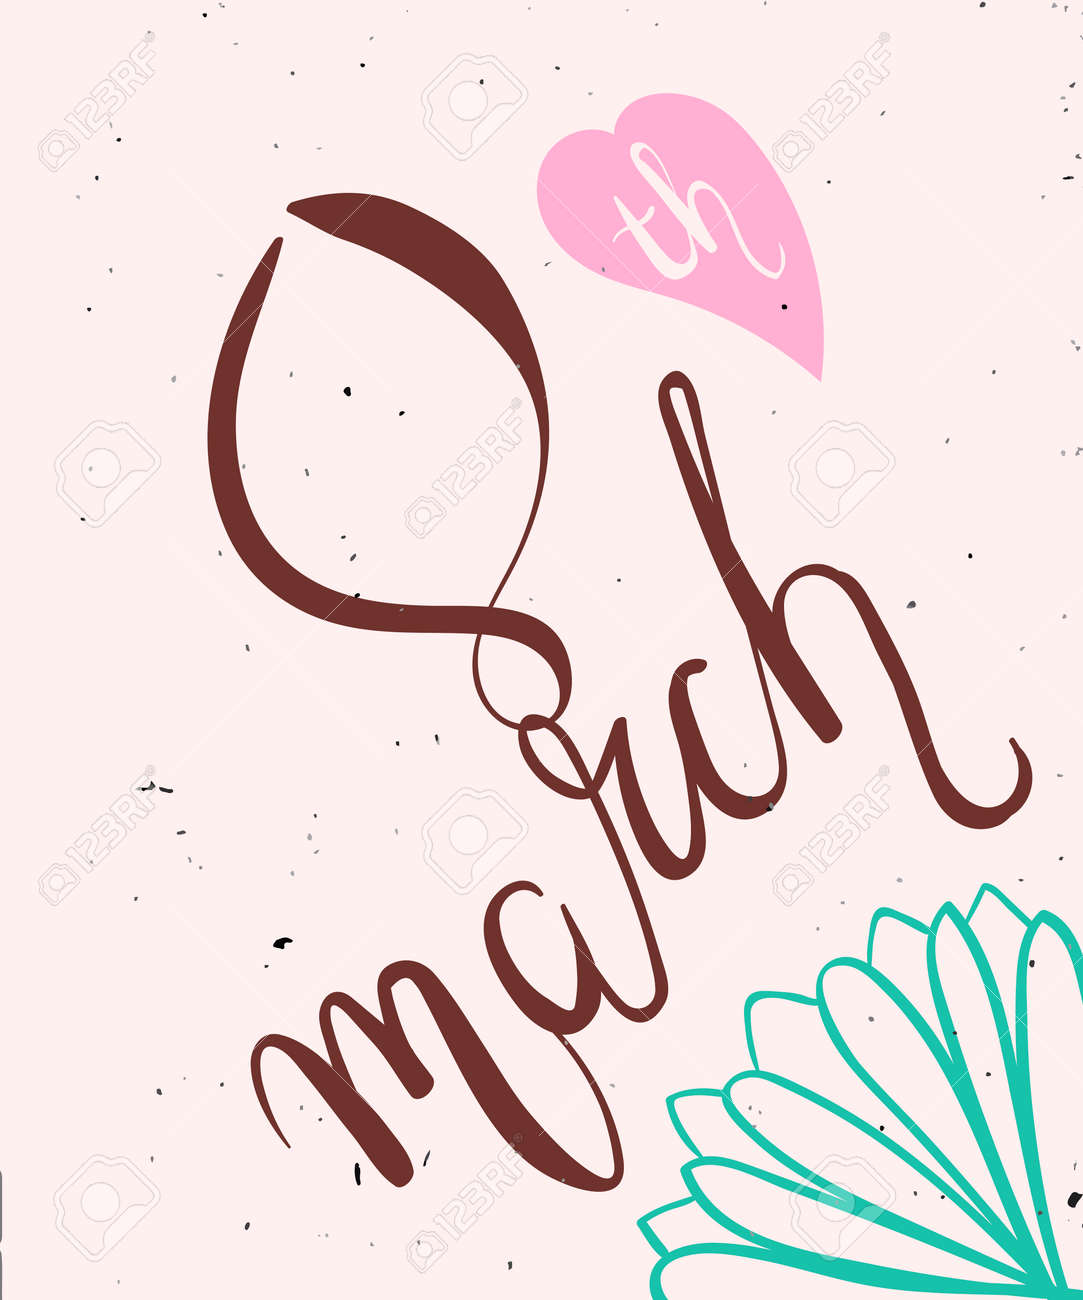 かわいい春の女の子と女性のカラフルなイラスト3 月 8 日にお祝いの